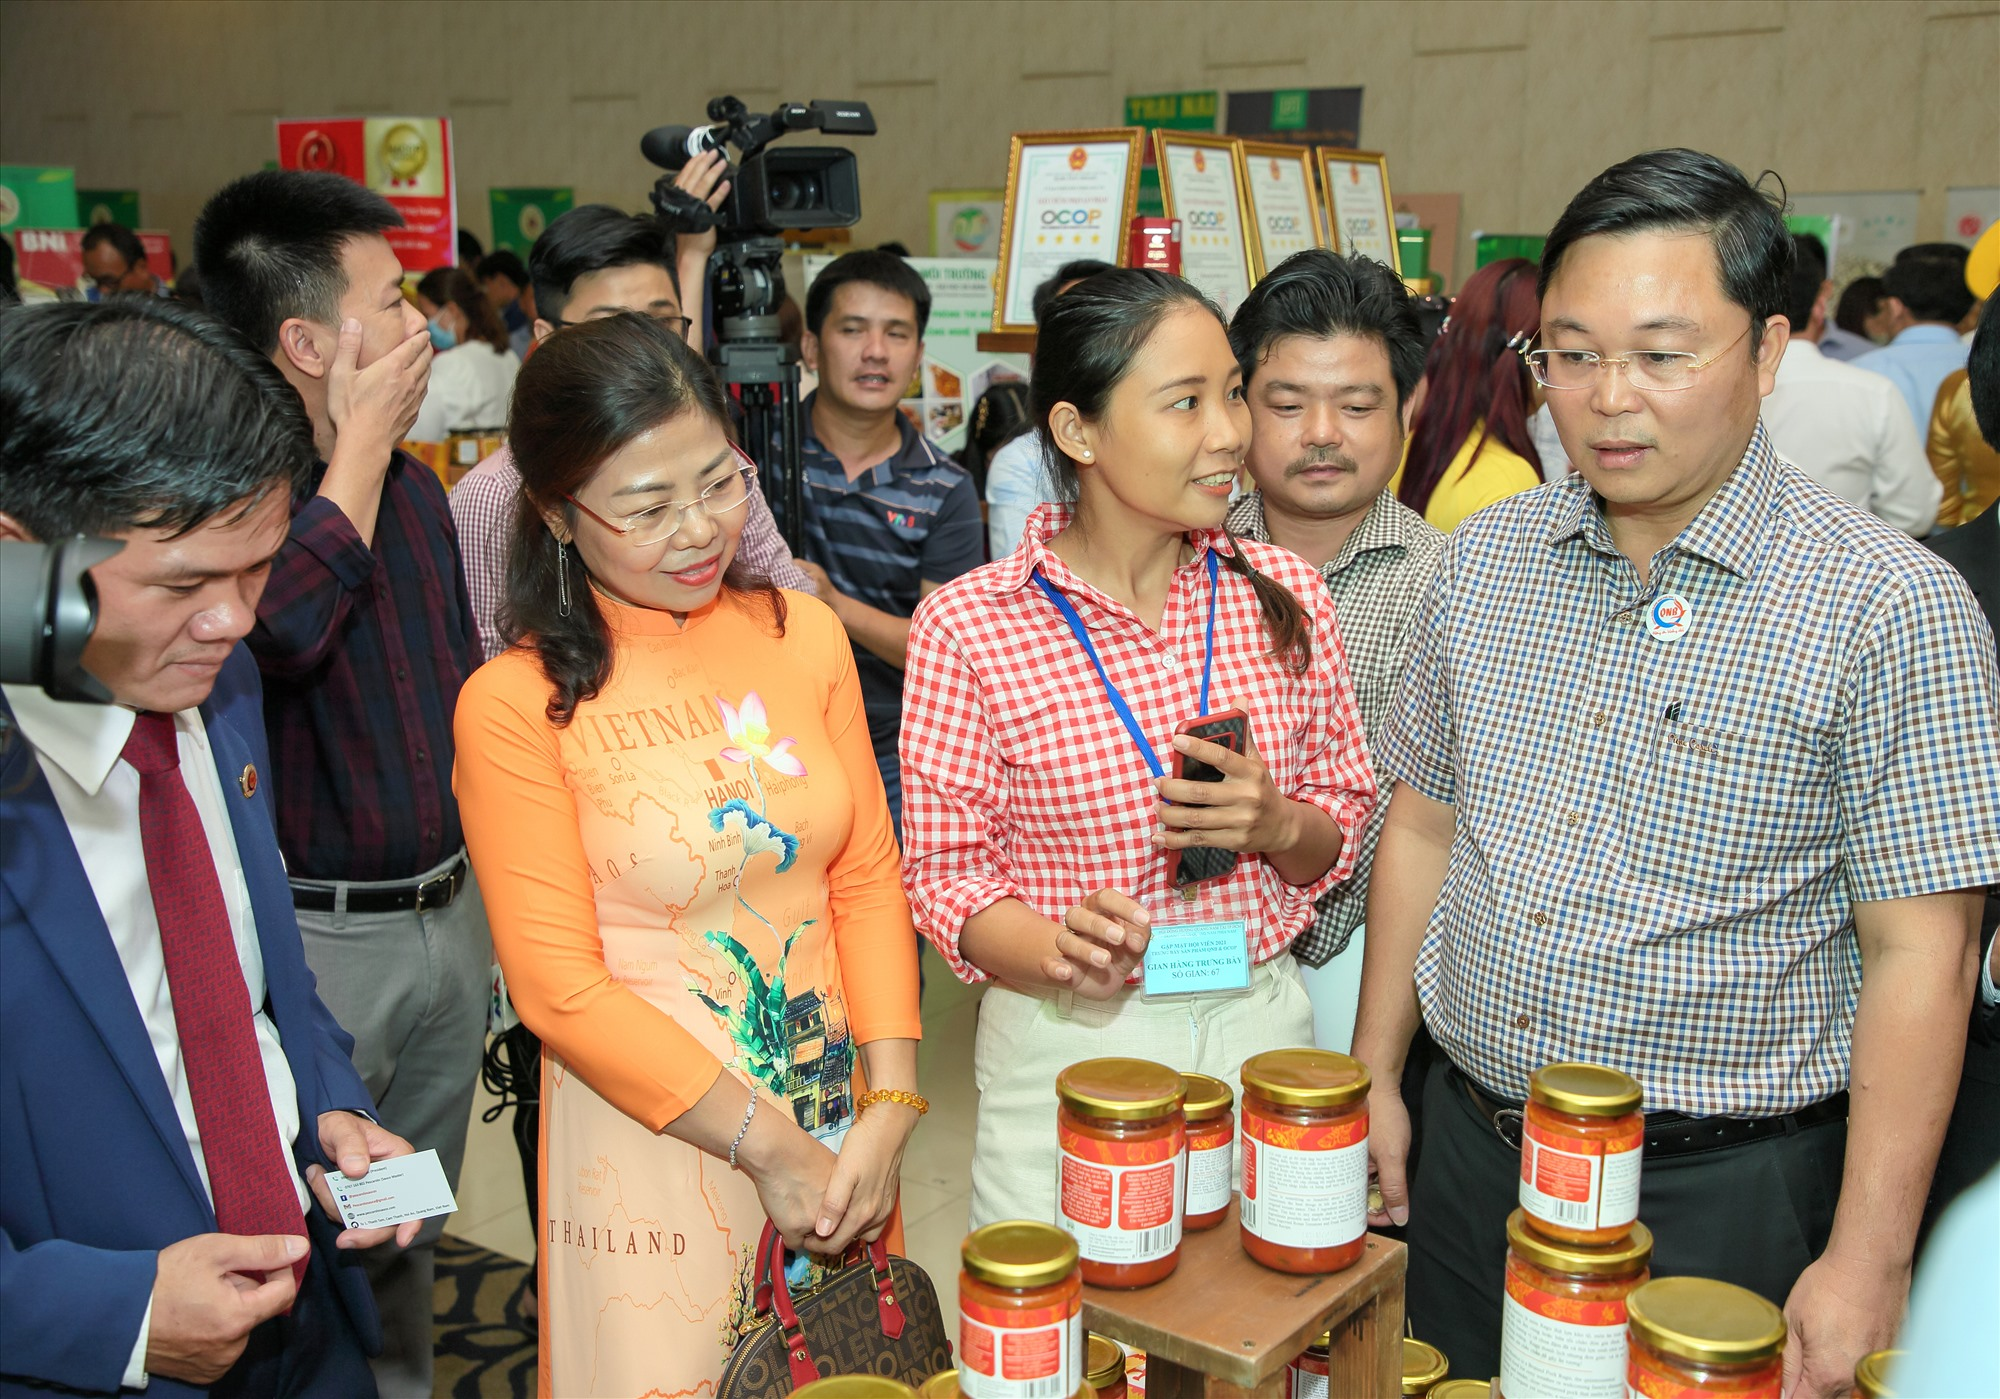 Lãnh đạo tỉnh tham quan các quầy trưng bày sản phẩm OCOP, sản phẩm khởi nghiệp của Quảng Nam tại TP.Hồ Chí Minh. Ảnh: QNB